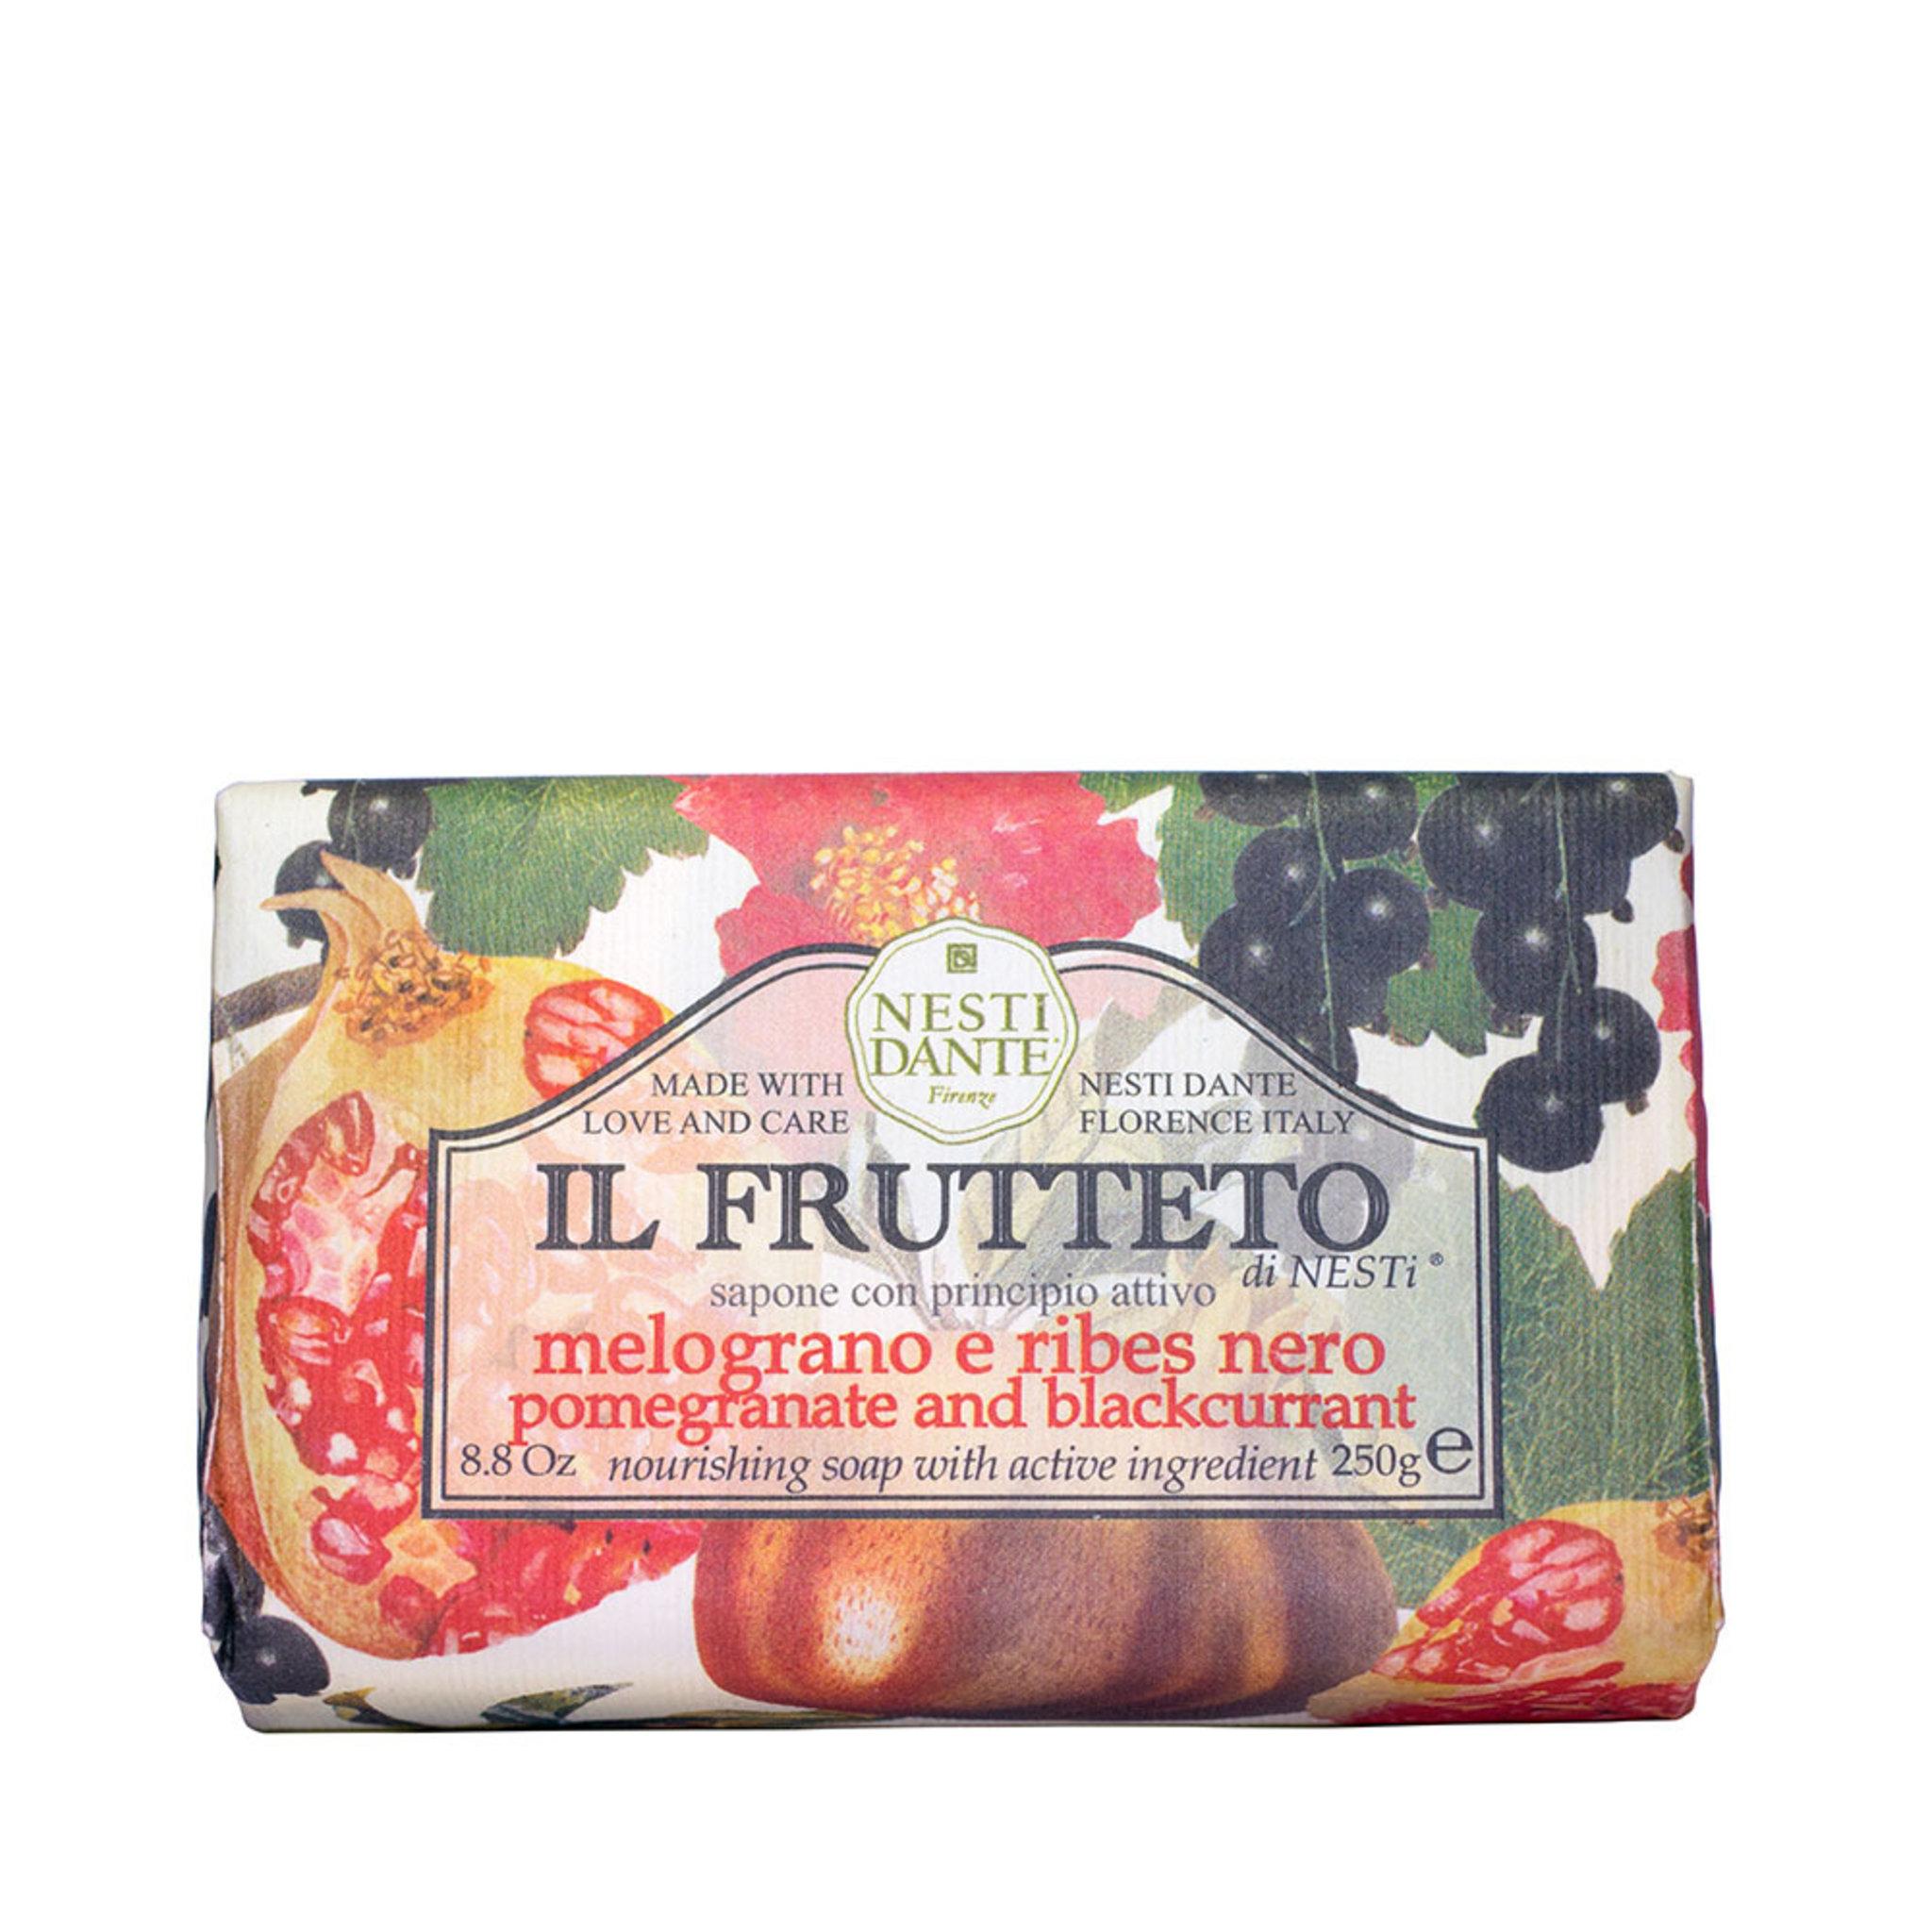 IL Frutteto Pomegranate & Blackcurrant